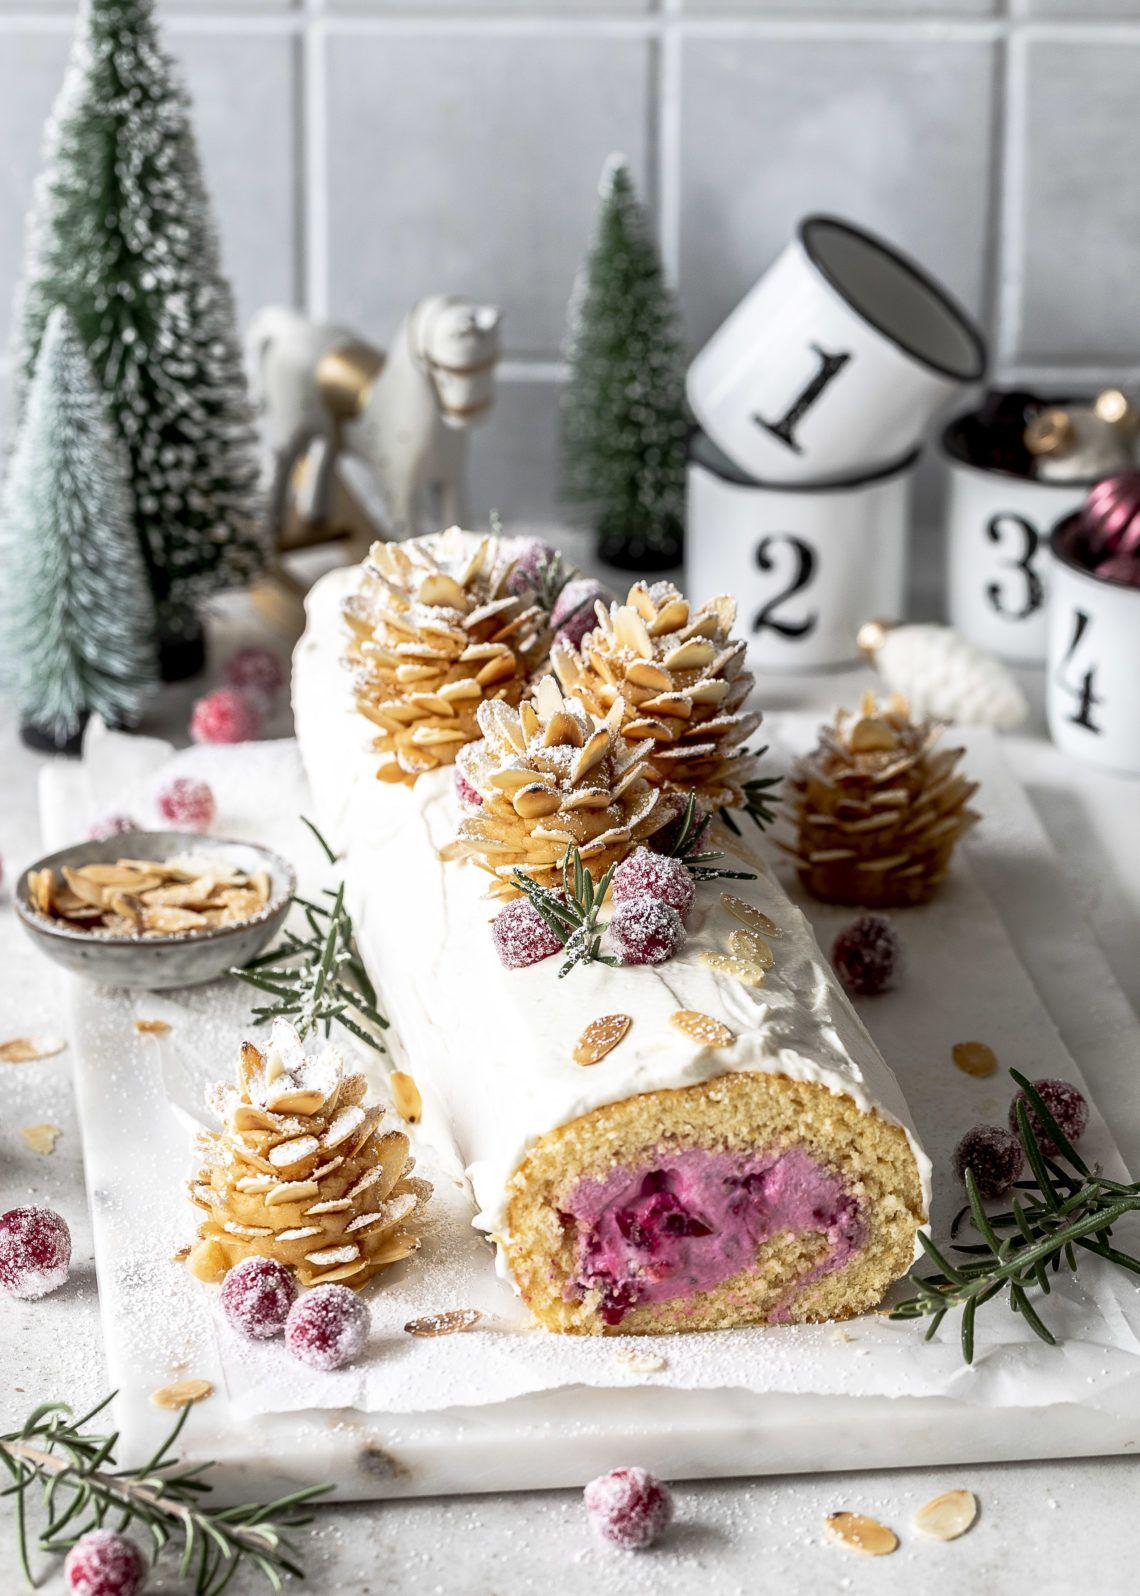 Mandel Cranberry Biskuitrolle mit Tannenzapfen-DIY | Emma's Lieblingsstücke